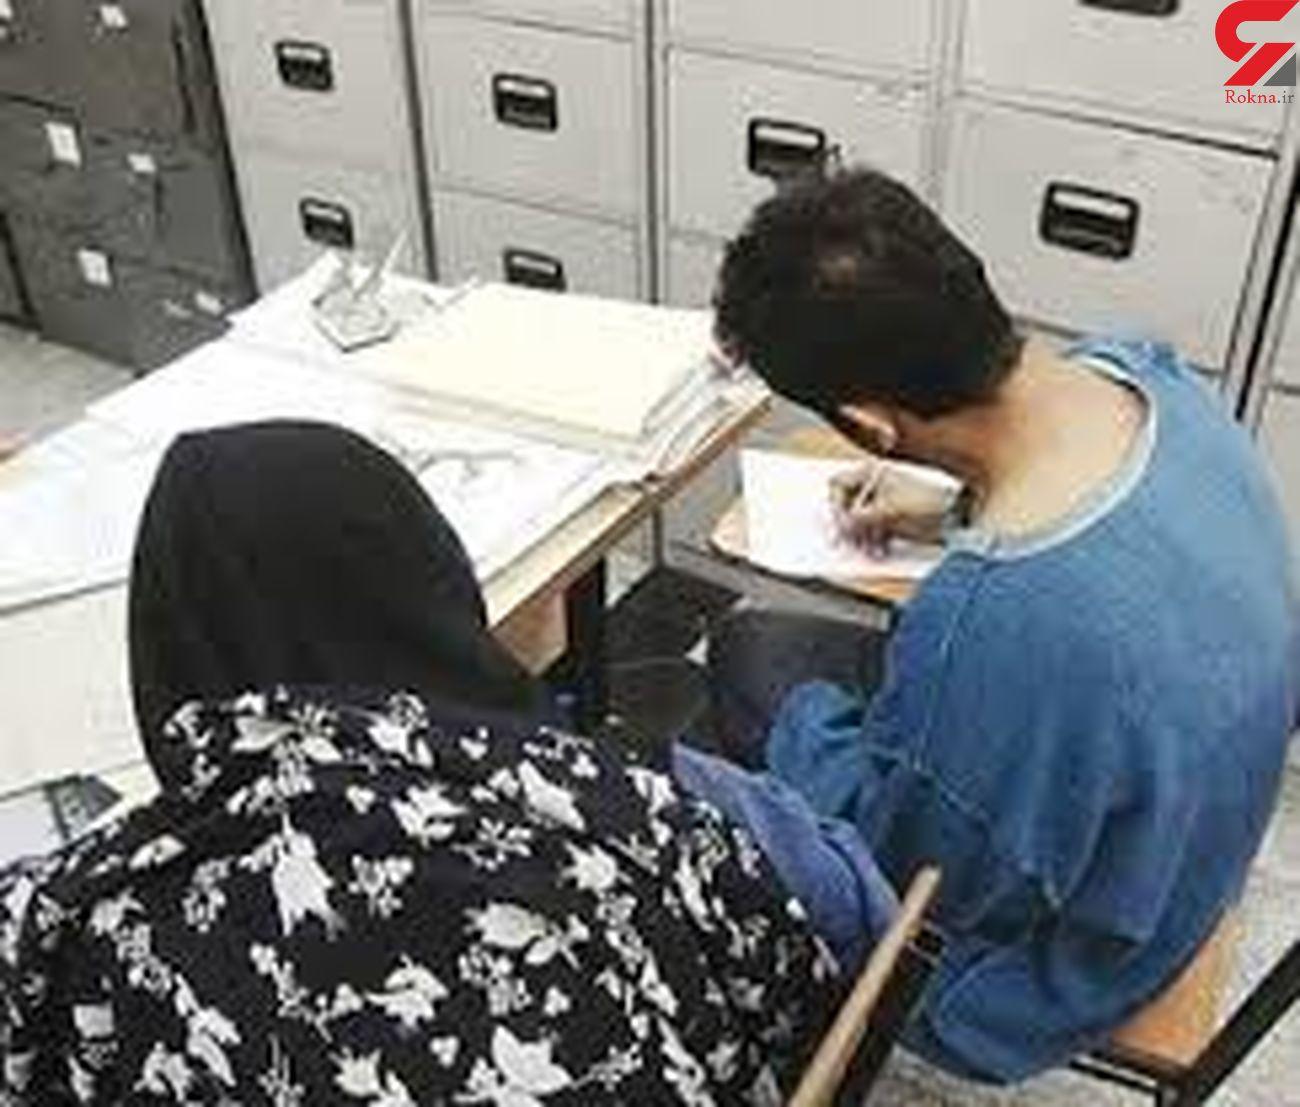 دوستی شیطانی زن تهرانی با نصاب ماهواره / دختر 10 ساله راز مادر خائنش را می دانست